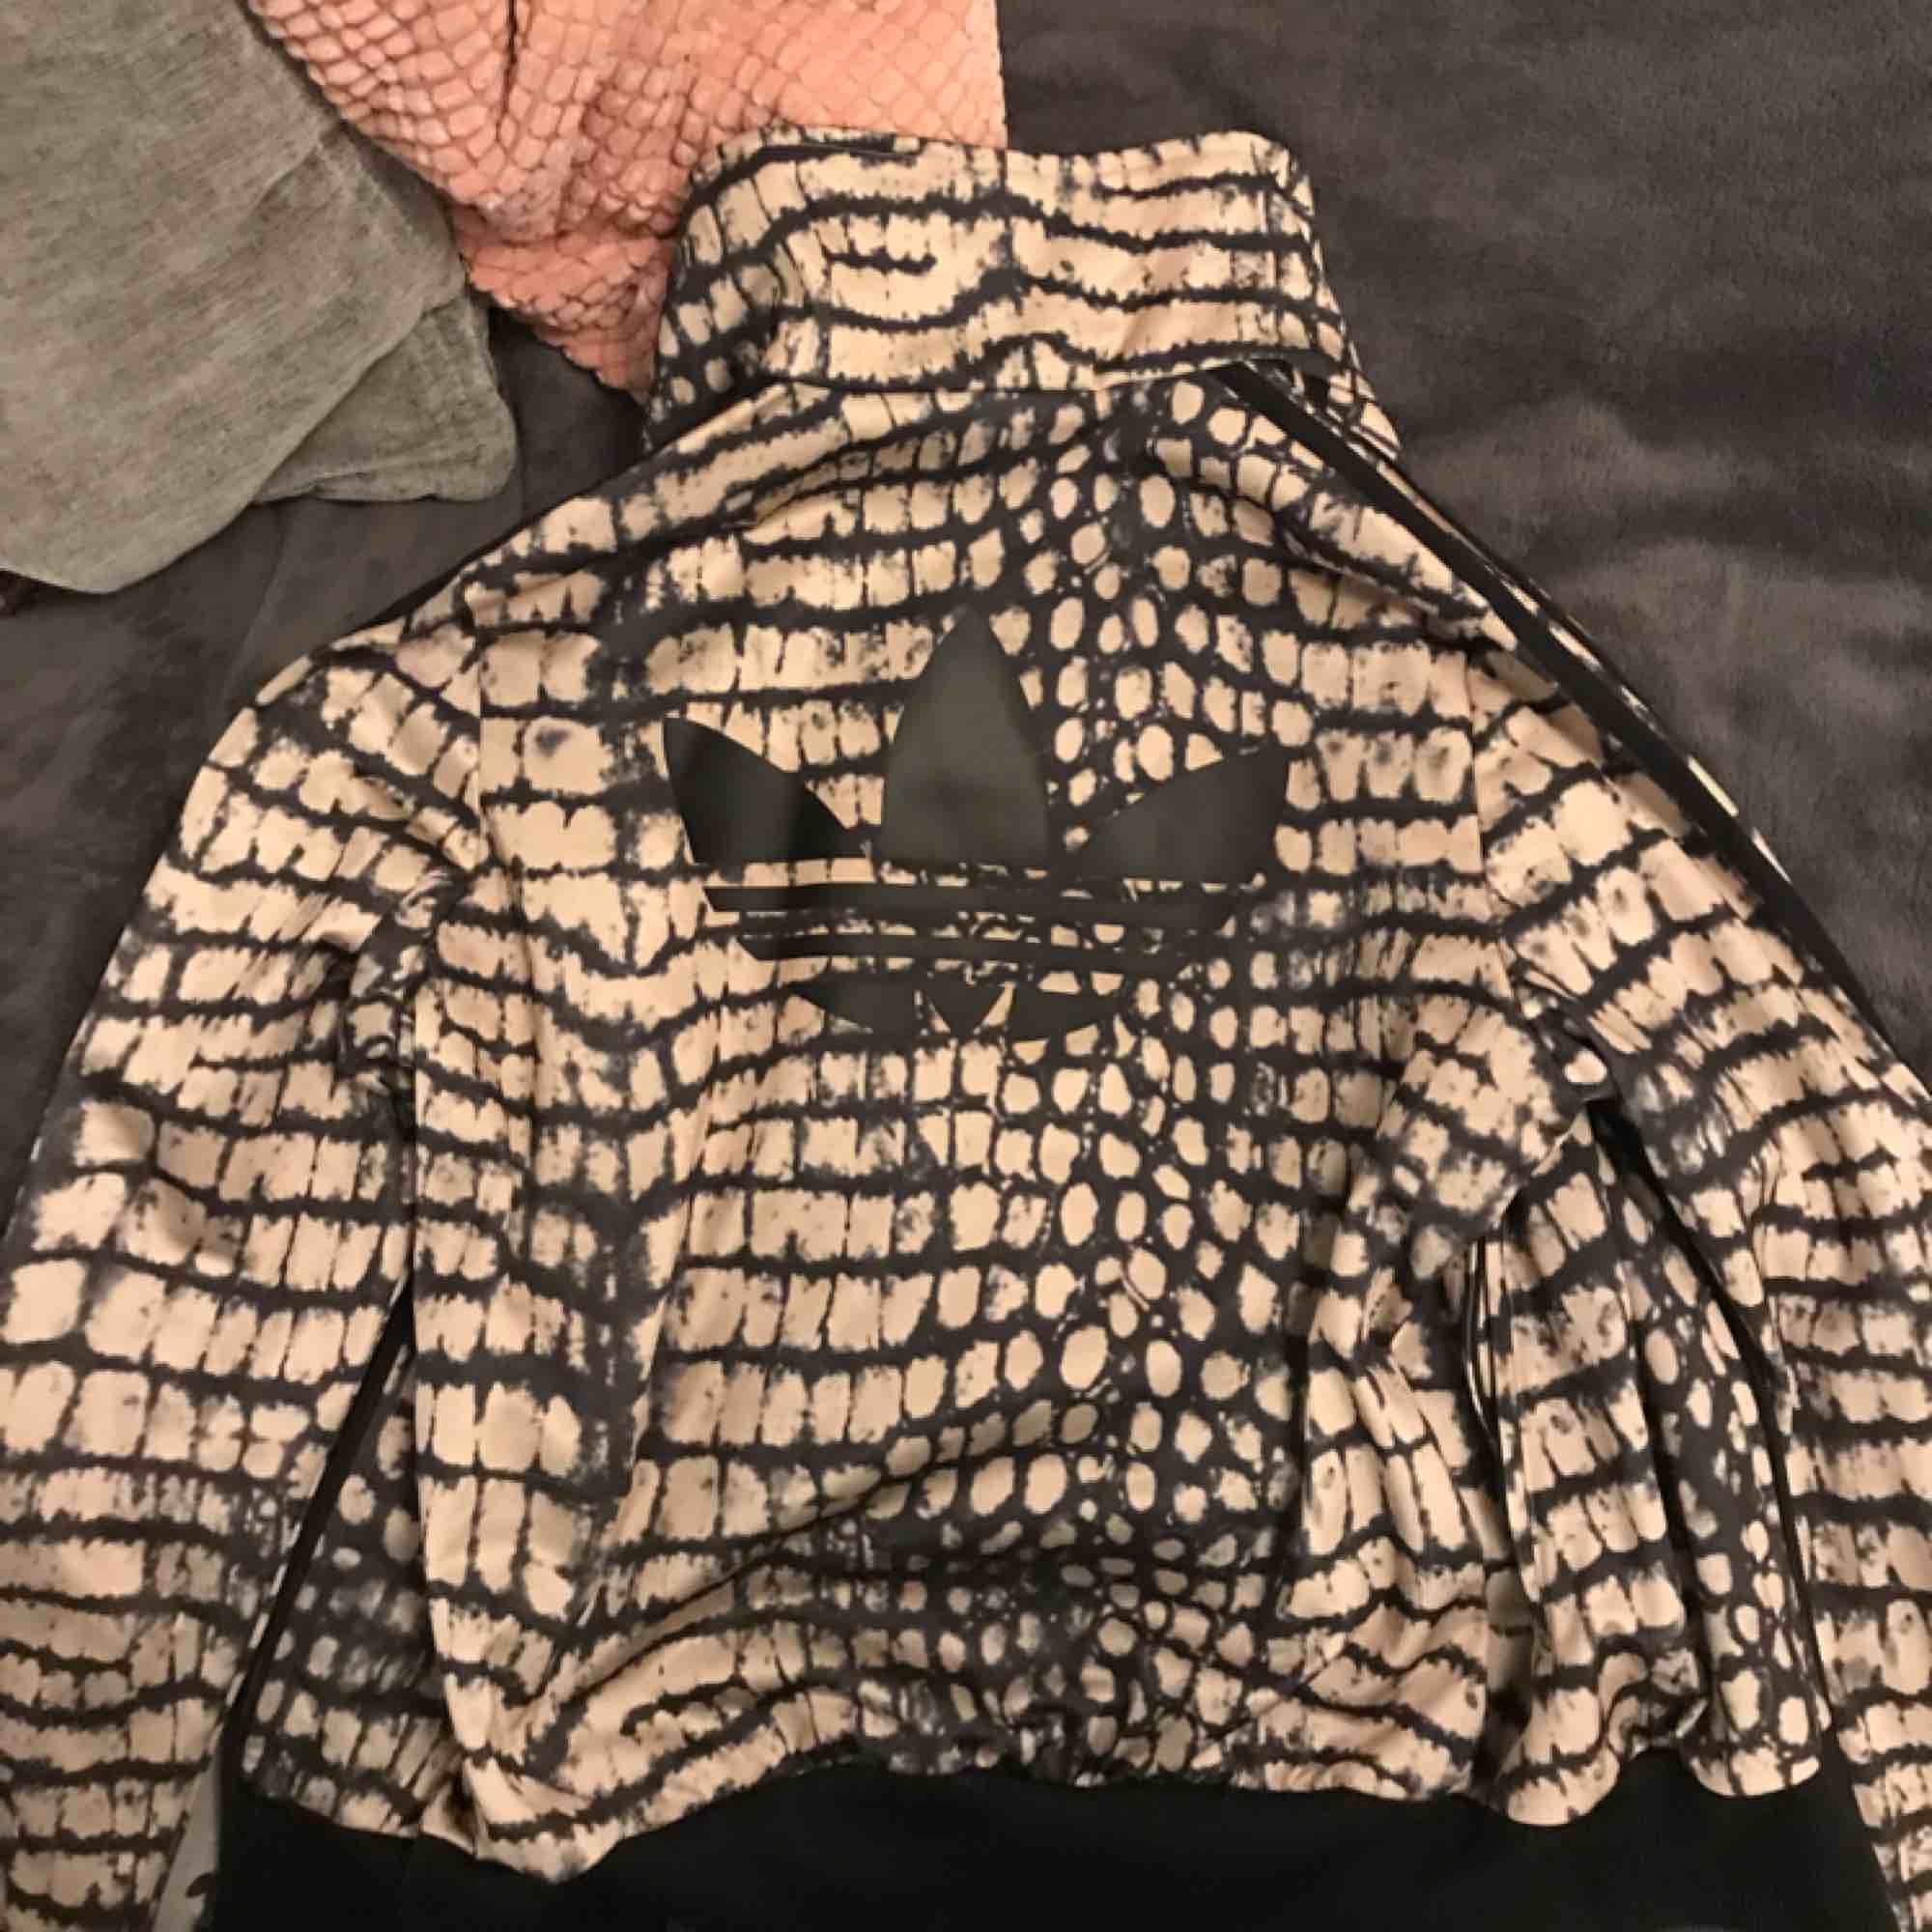 Adidas träningströja helt oanvänd. Skitcool tröja som tyvärr aldrig använts och blivit för liten. Lite figursydd/får fram midja. Du står för frakt 59kr, annars möts vi på söder!. Huvtröjor & Träningströjor.